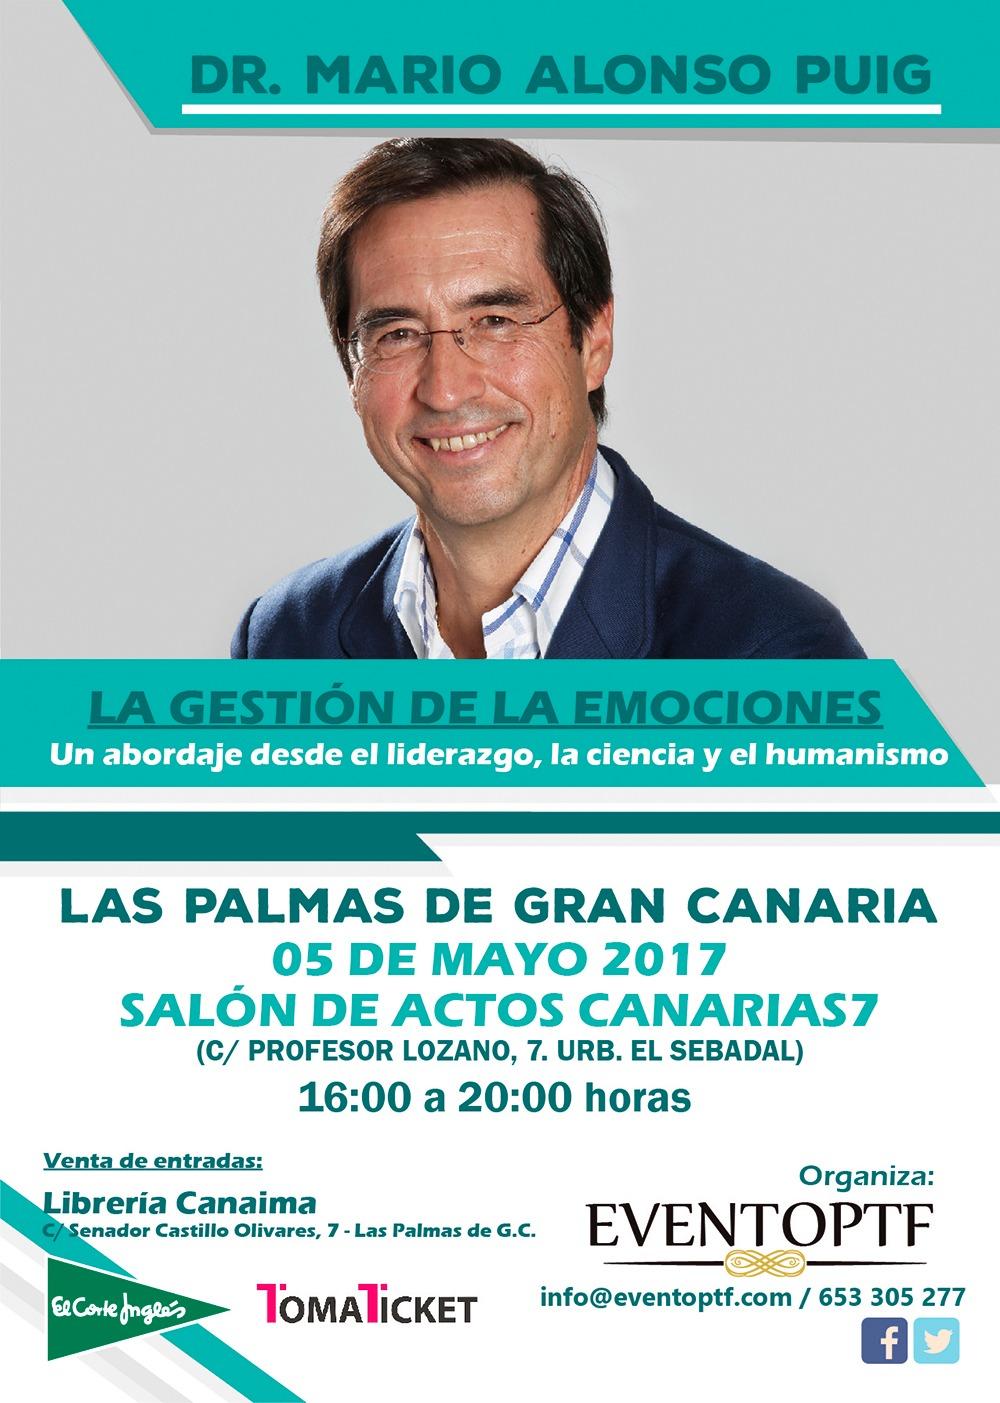 El Dr Mario Alonso Puig Llega A Gran Canaria El Próximo 5